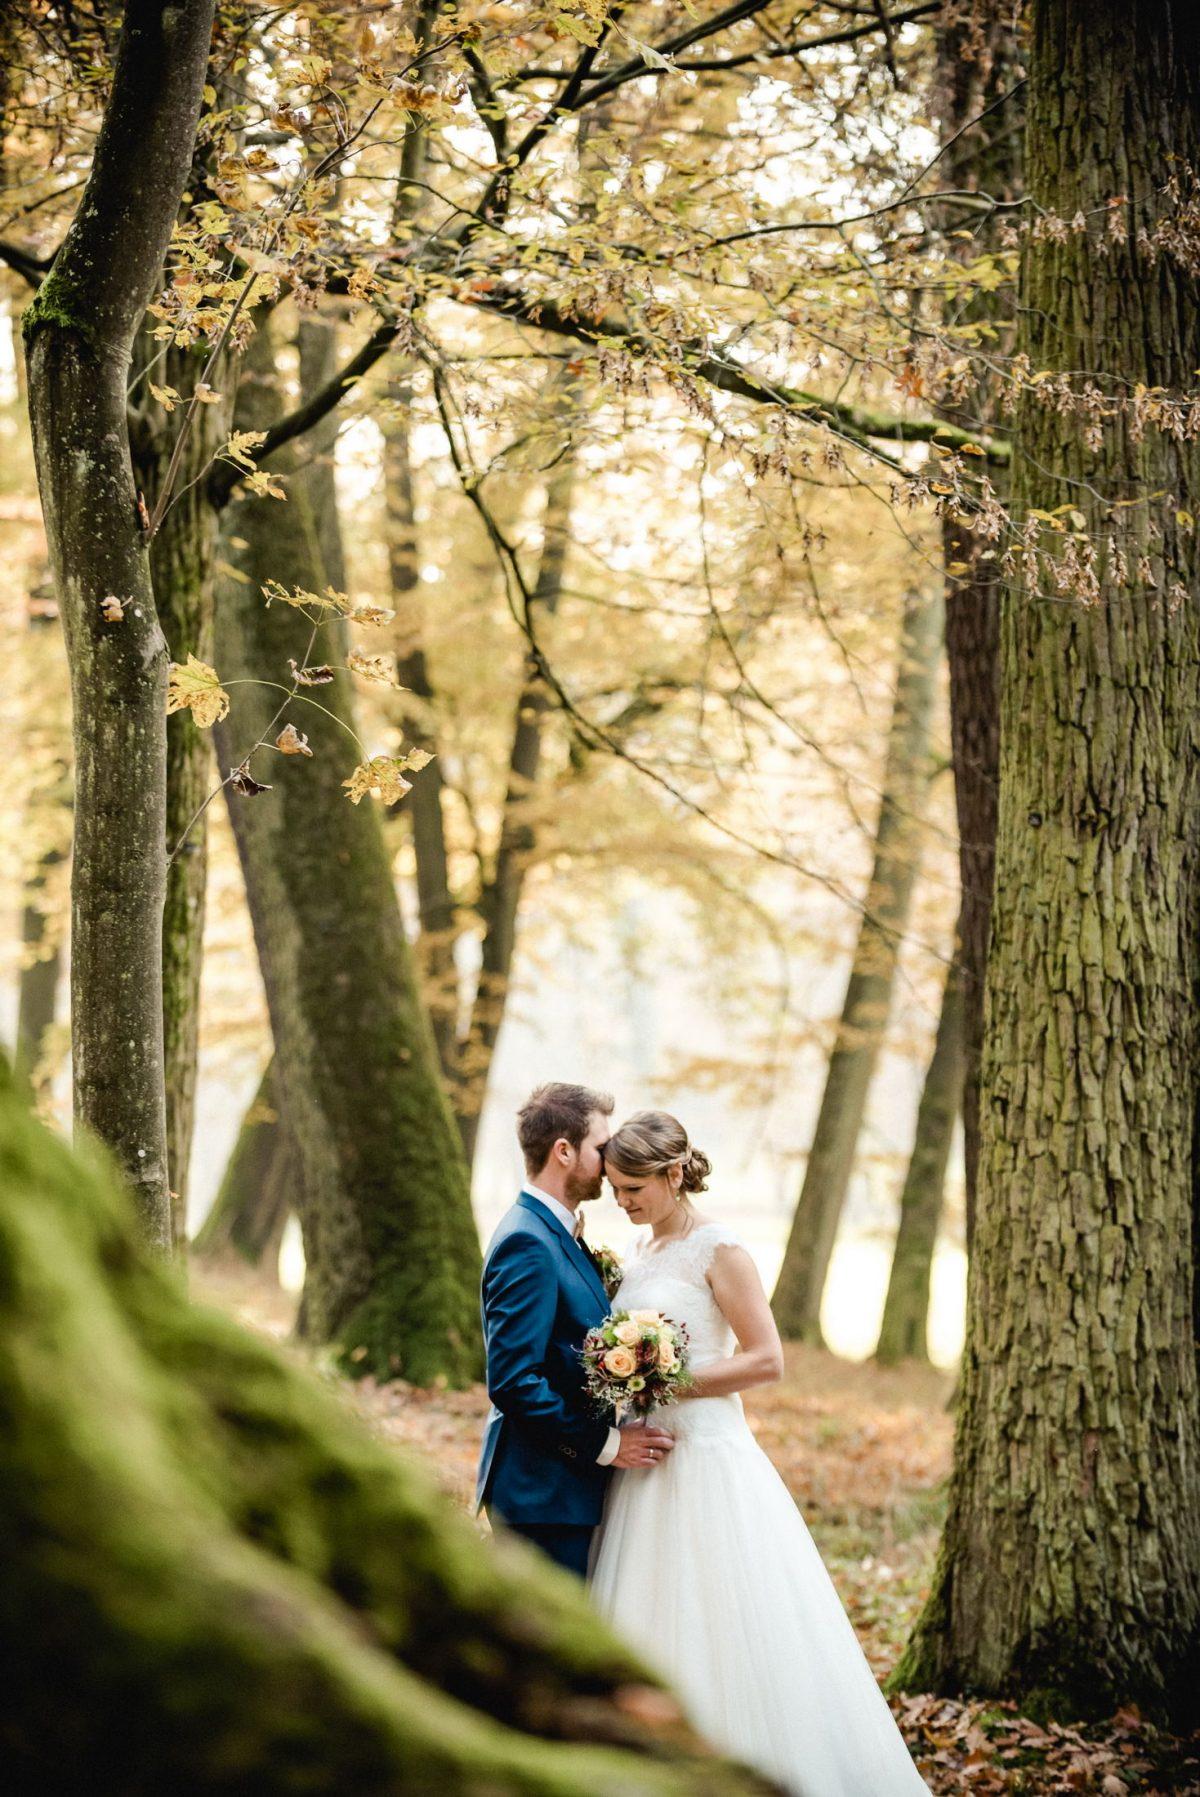 Park Blätter Herbst orange gelb braun Natur Ehe Liebe Mann Frau